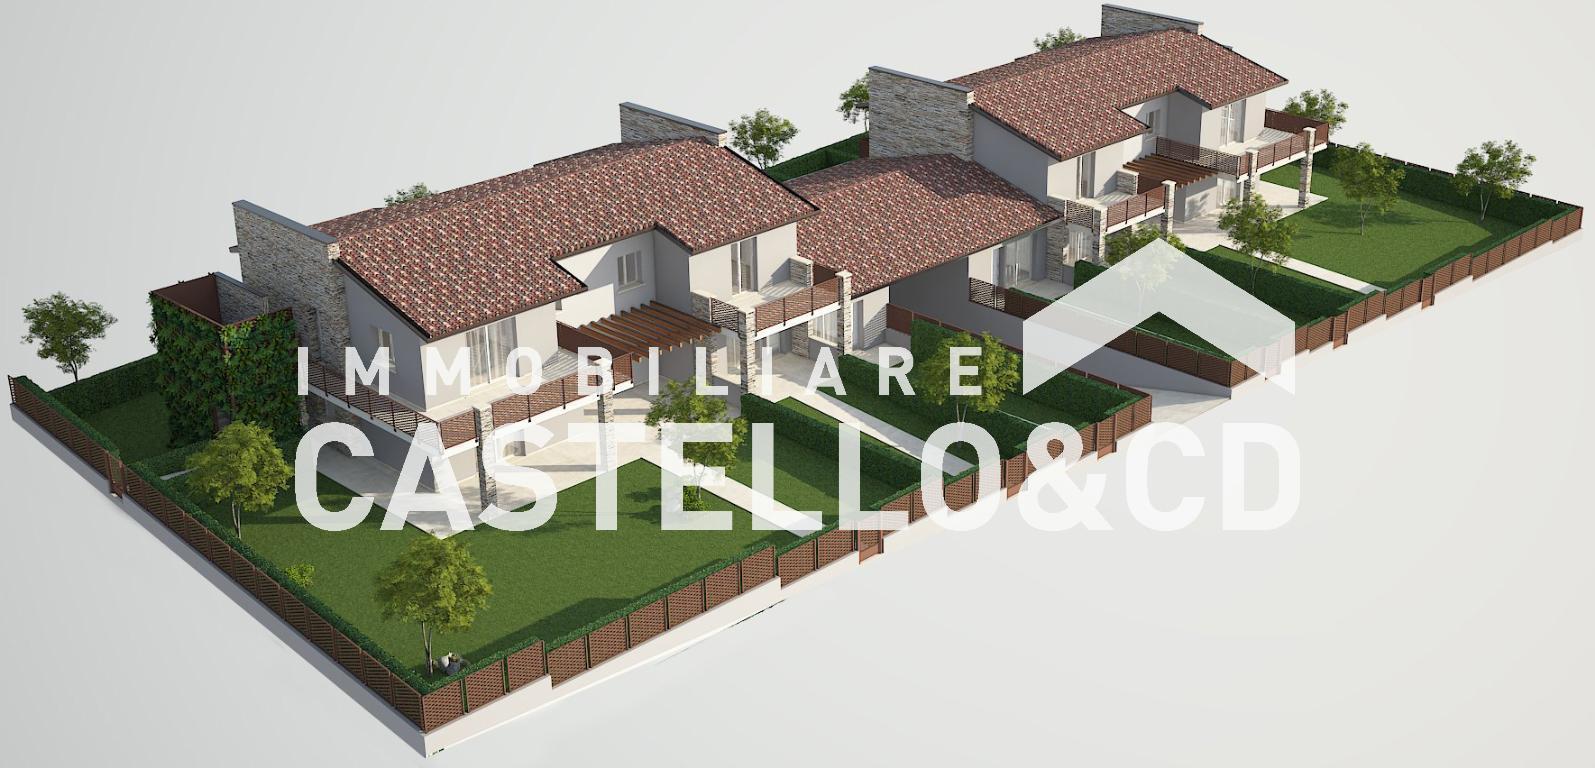 Vendita Bilocale Appartamento Lonato del Garda via ariosto  238443